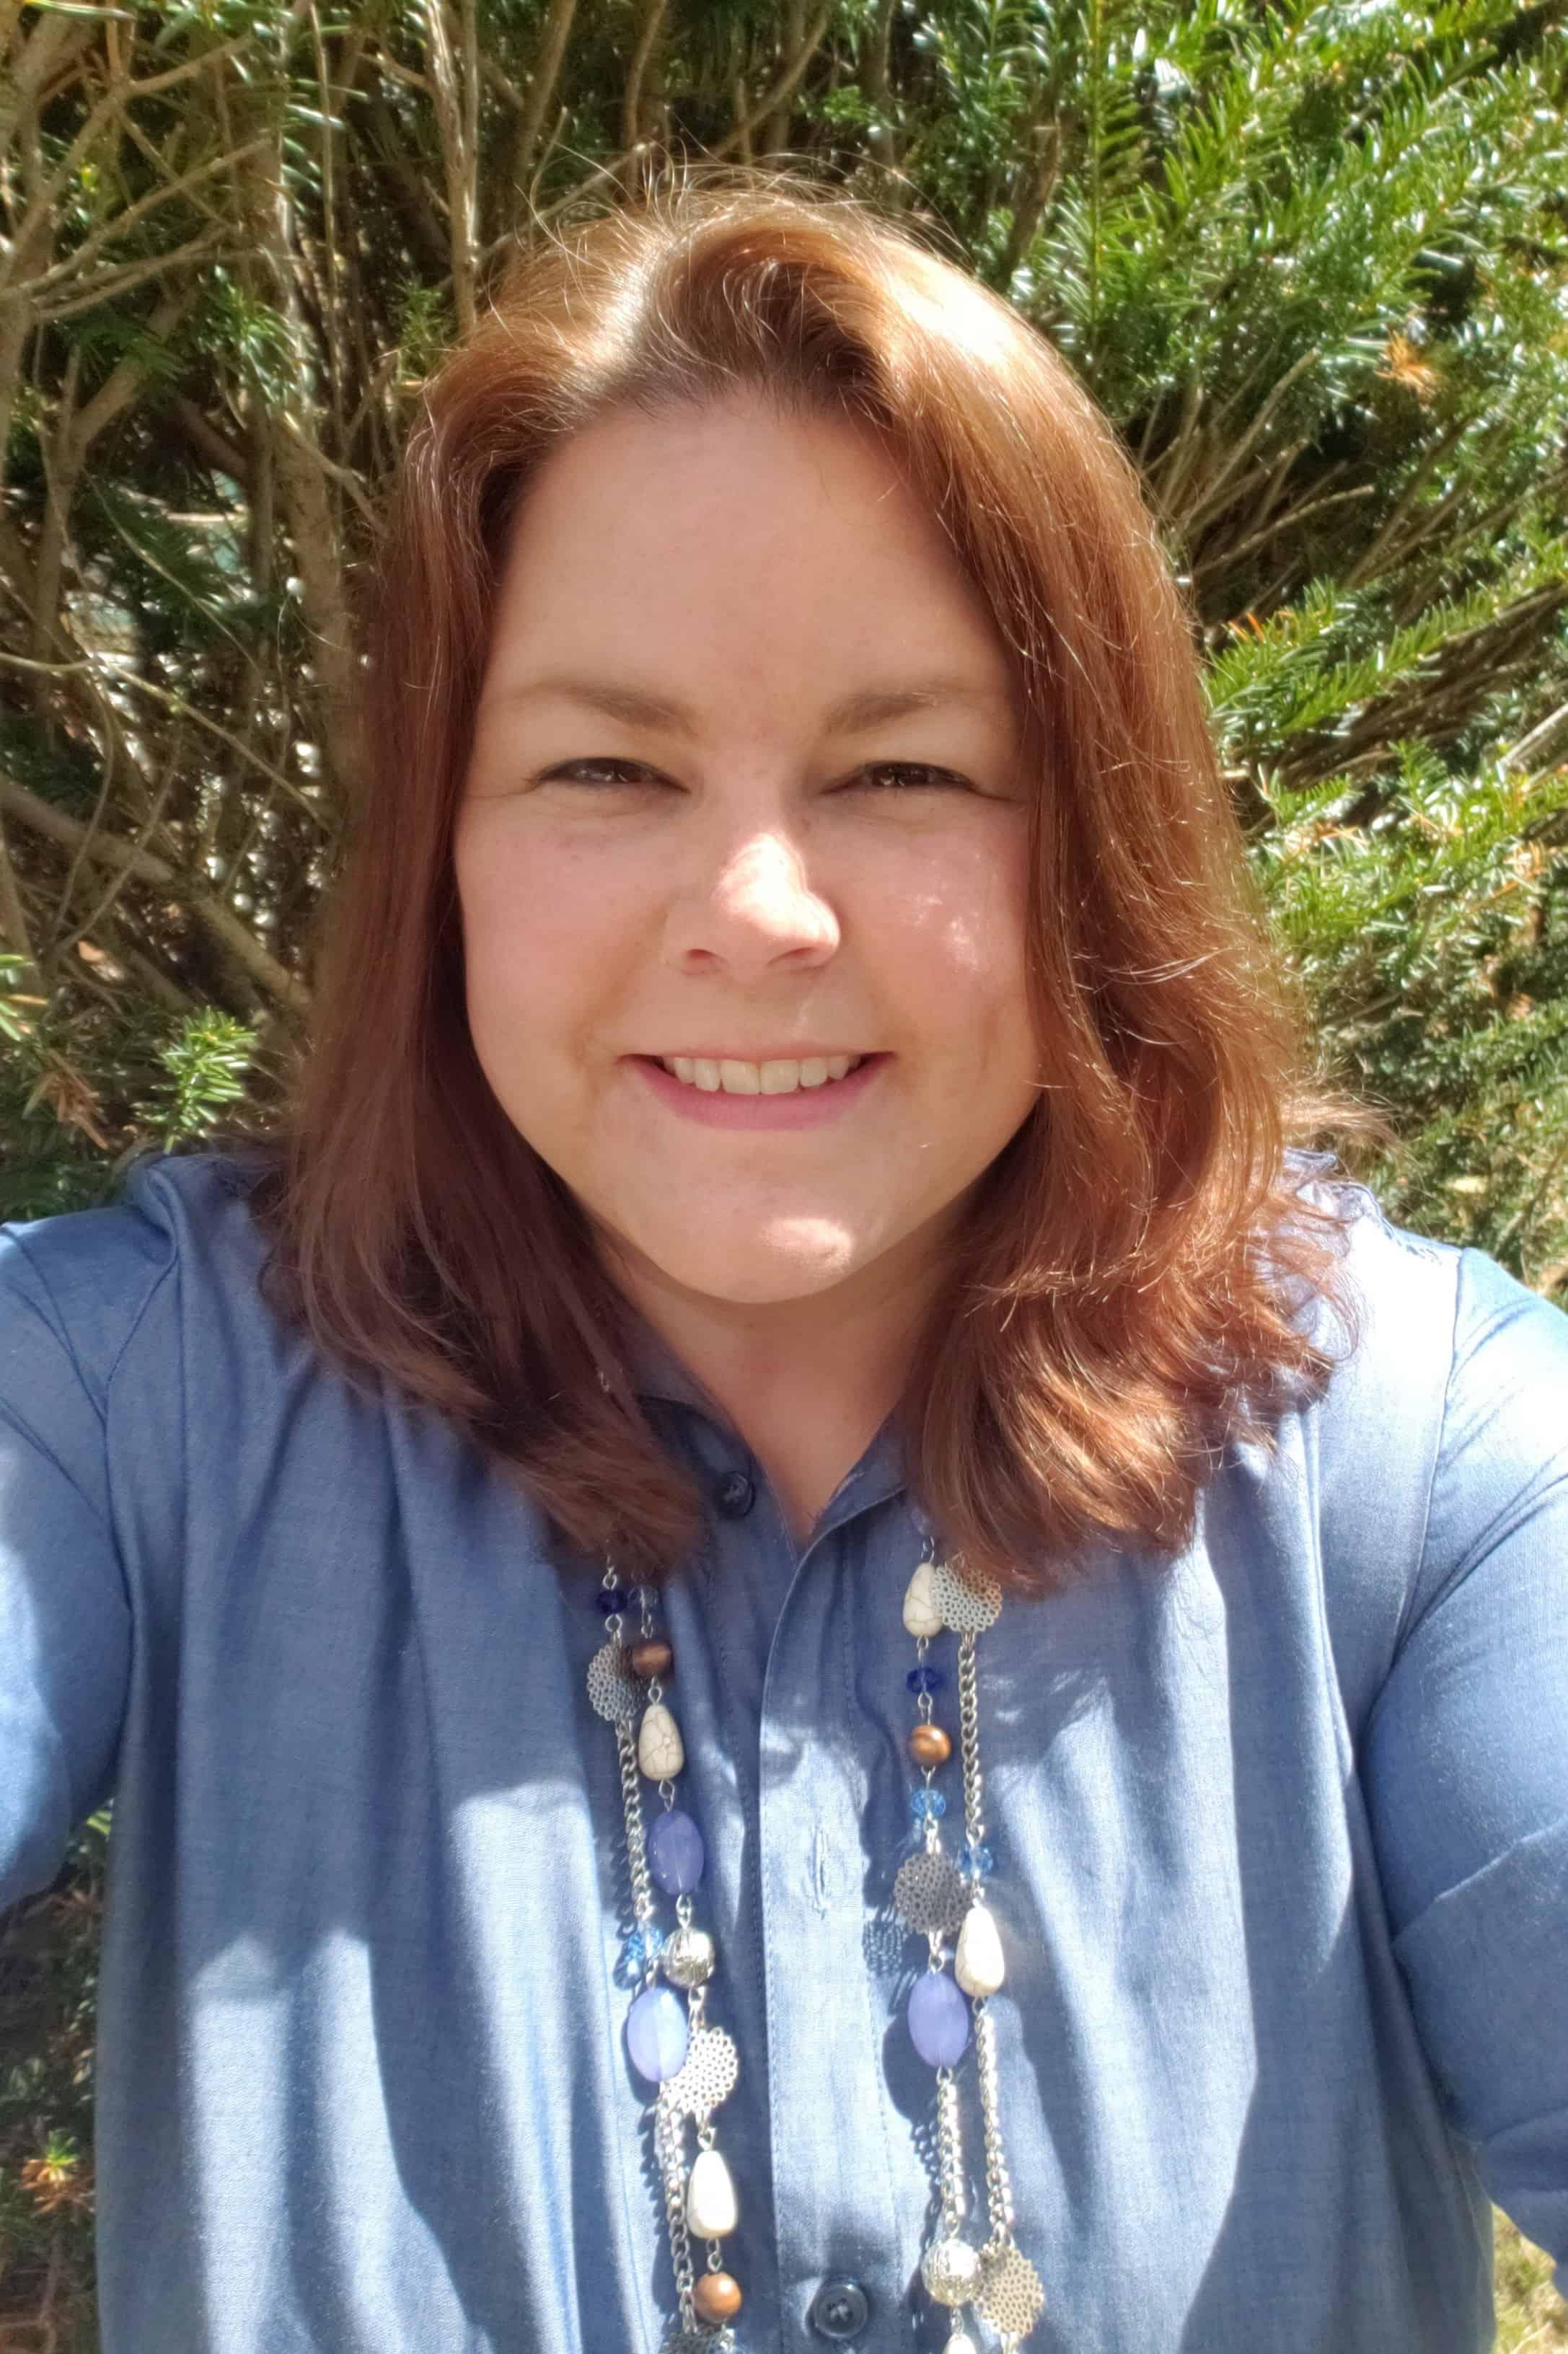 Lindsay Kittell